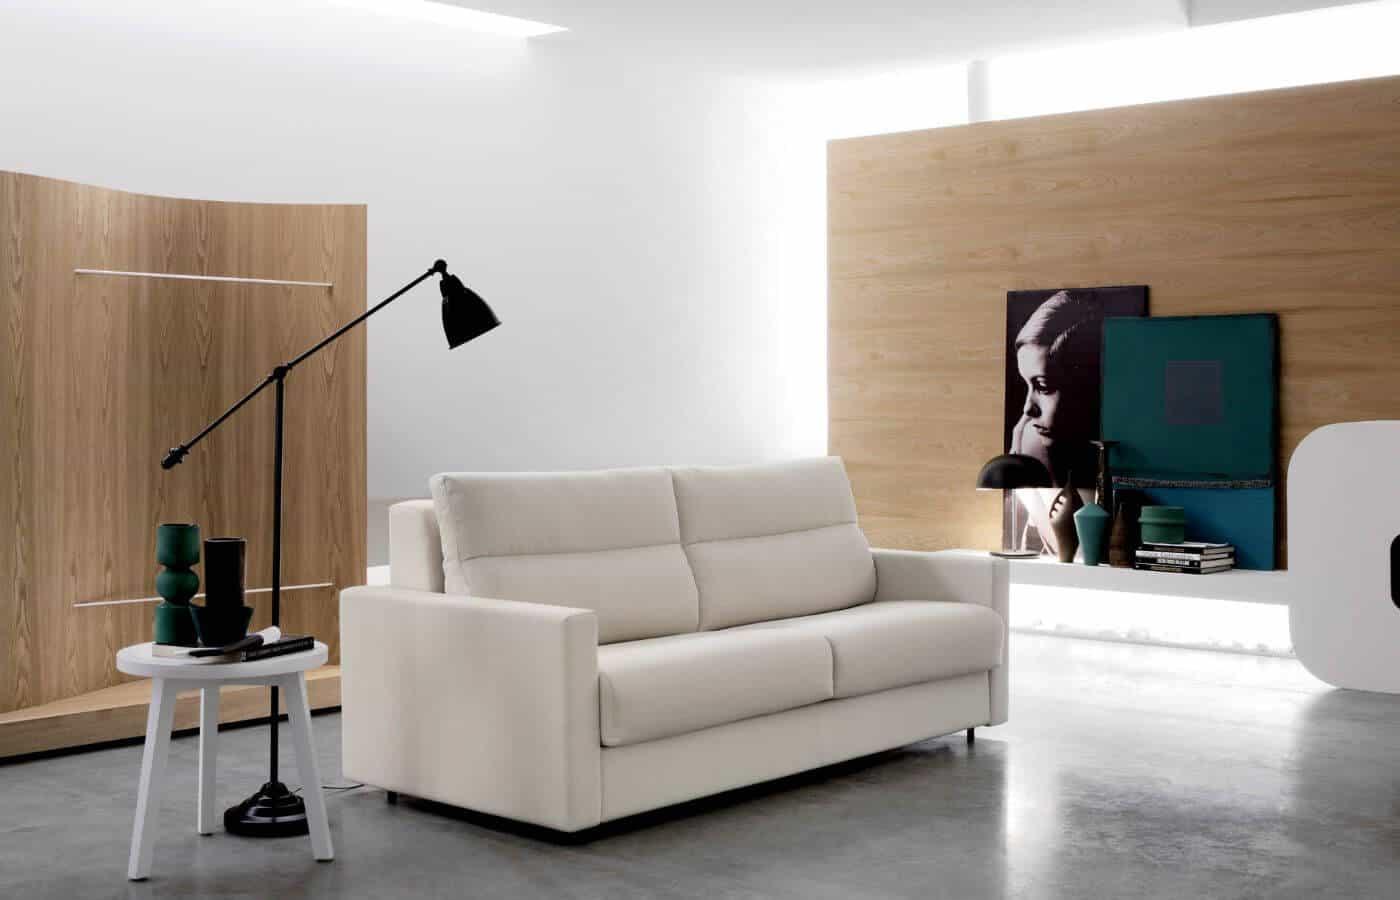 divani-letto-collezione-danubio-il-mobile